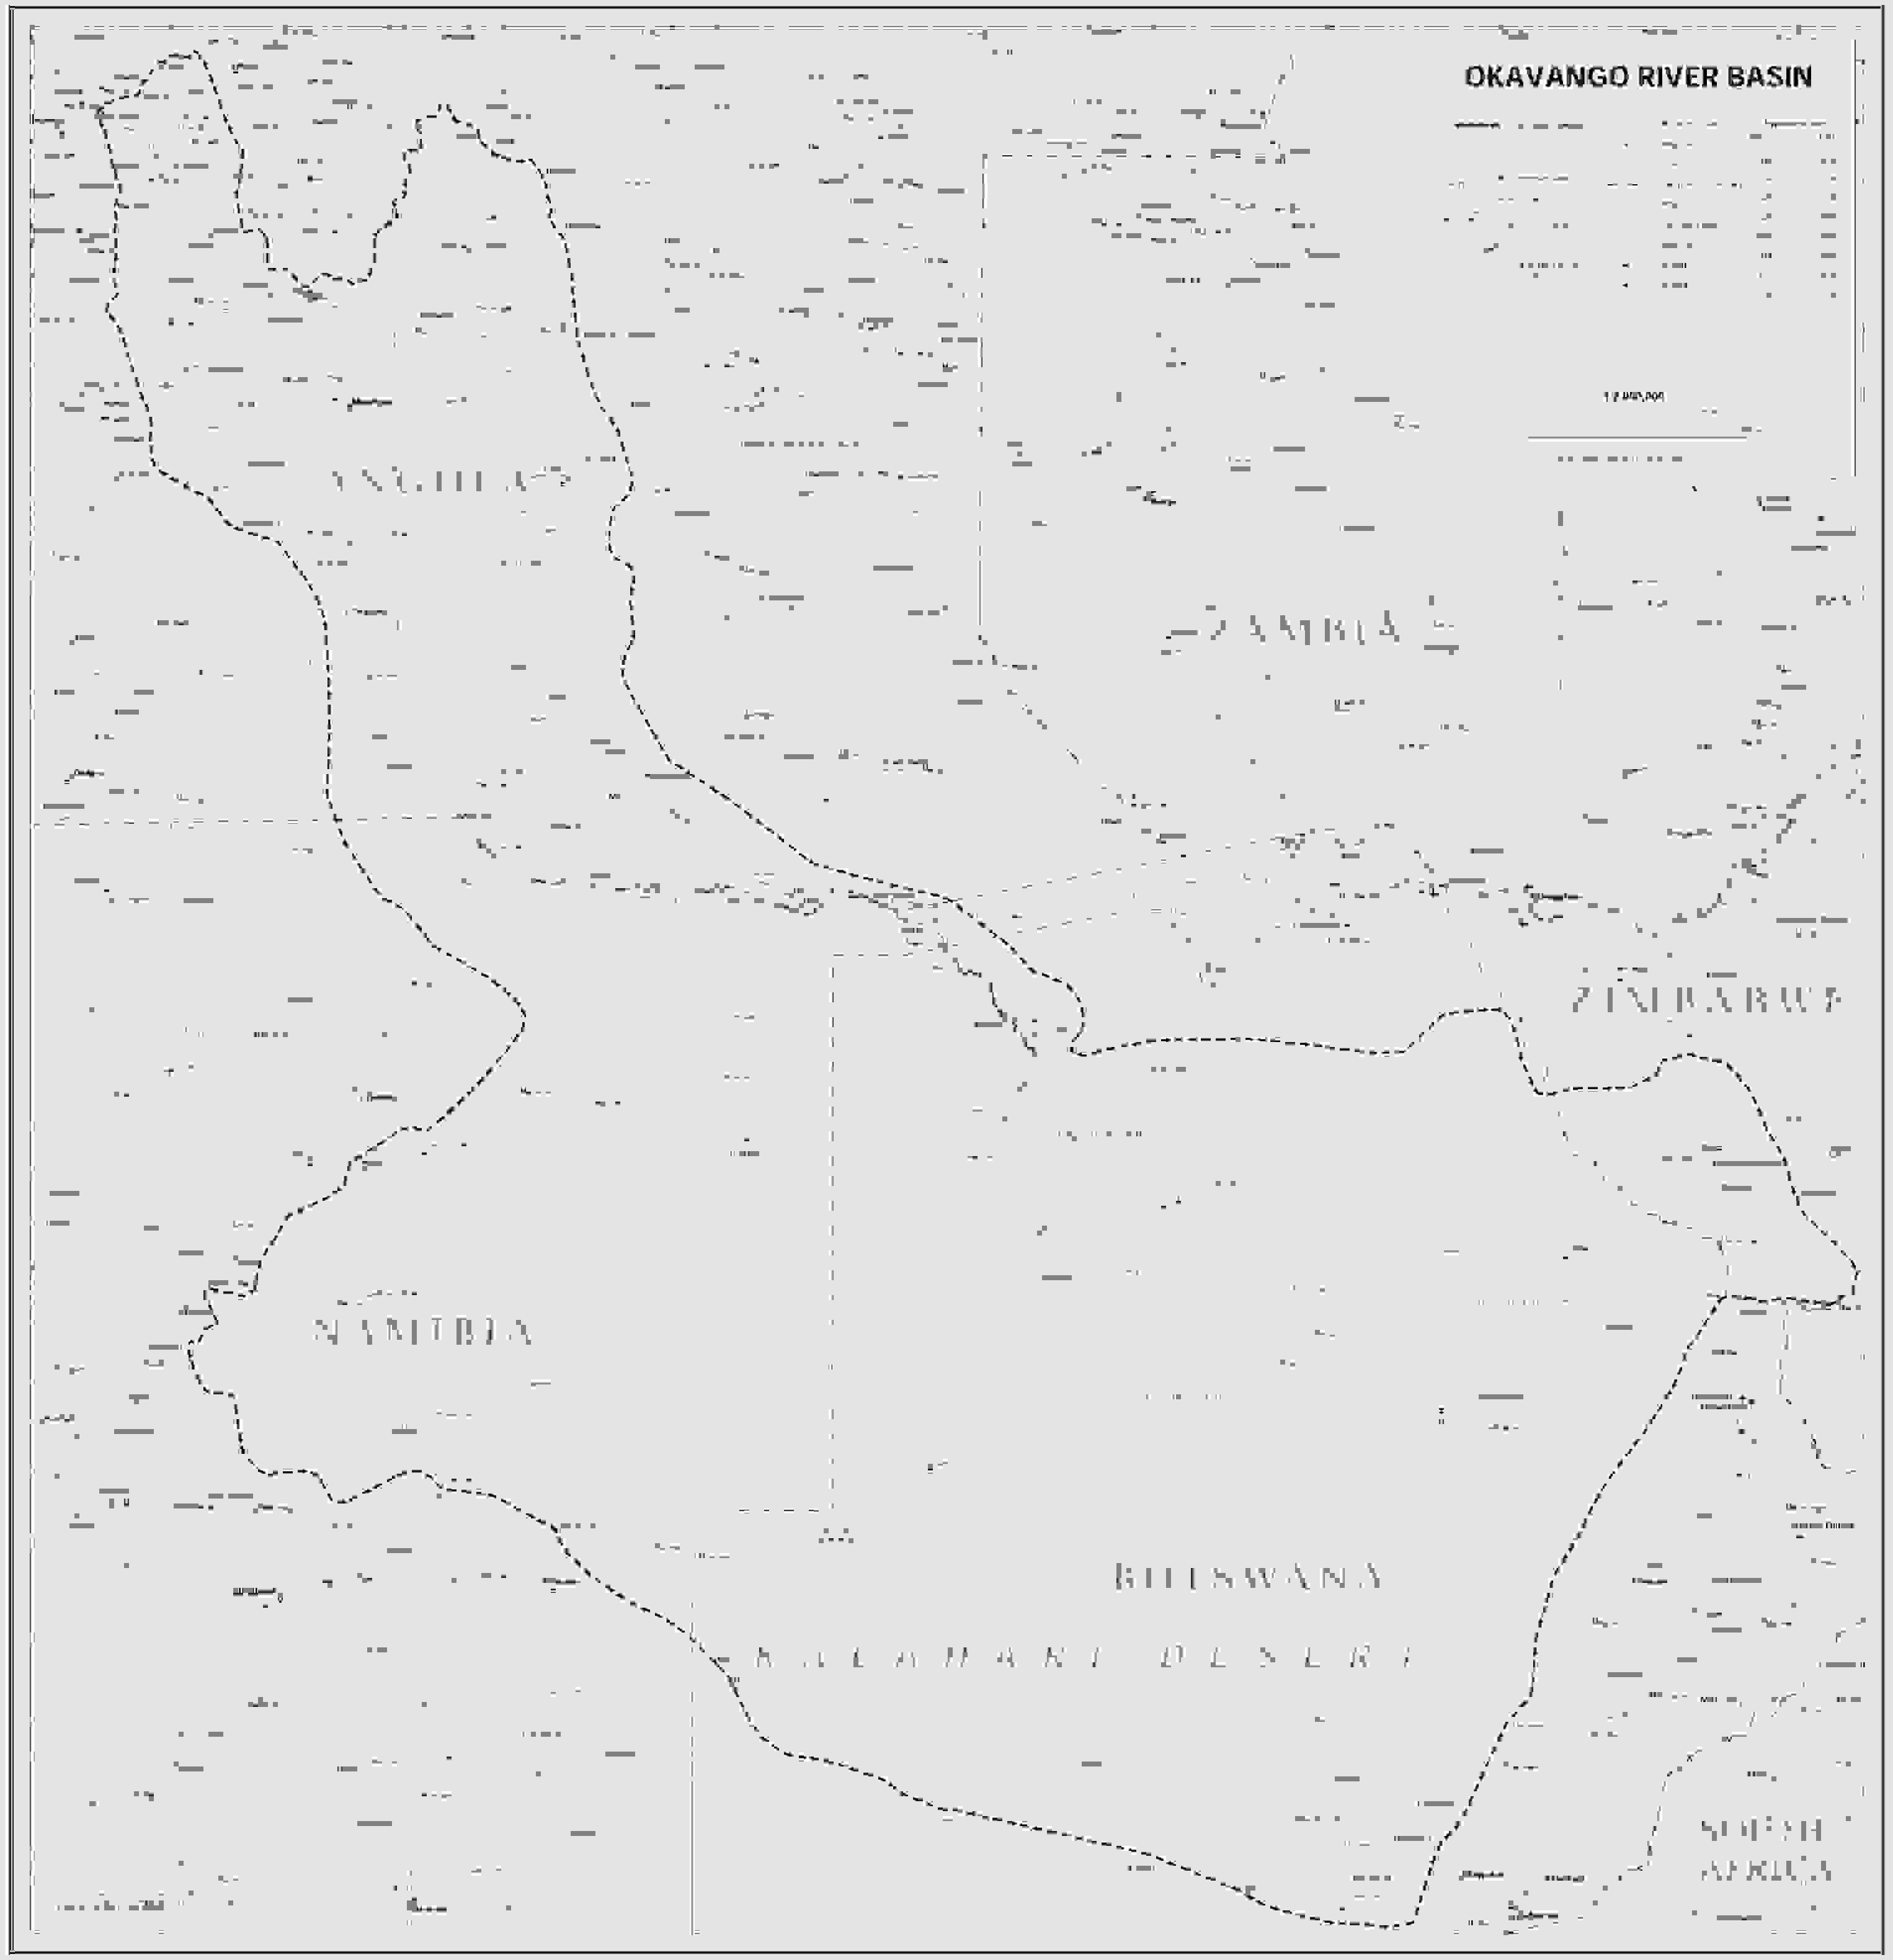 DEFIS ZOOOOOOM Monde B092 à B159 - (Novembre 2013/Mars 2016)  - Page 17 Okavan12